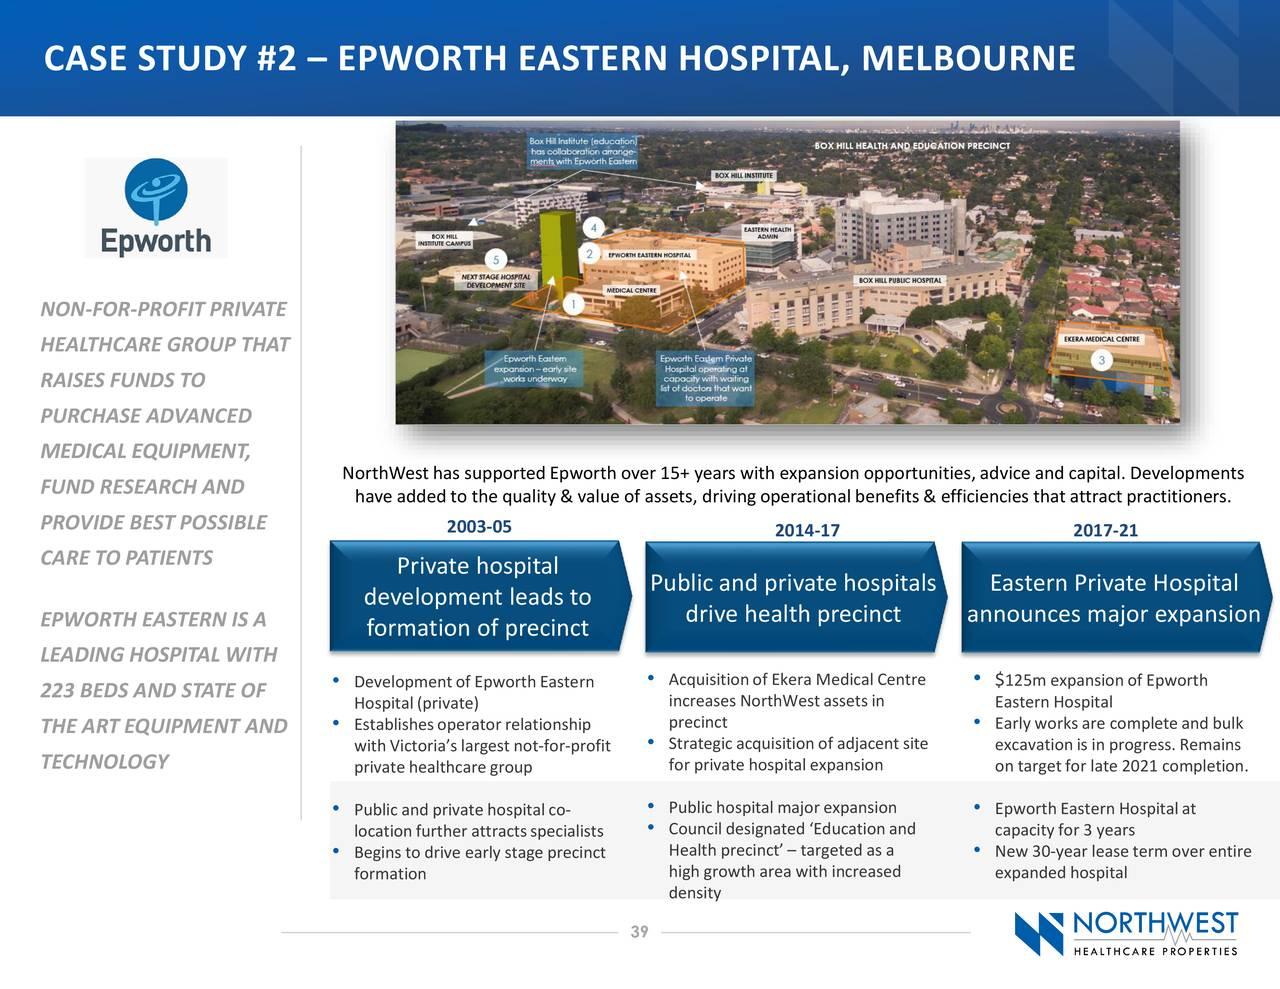 ESTUDIO DE CASO # 2 - HOSPITAL DEL ESTE DE EPWORTH, MELBOURNE